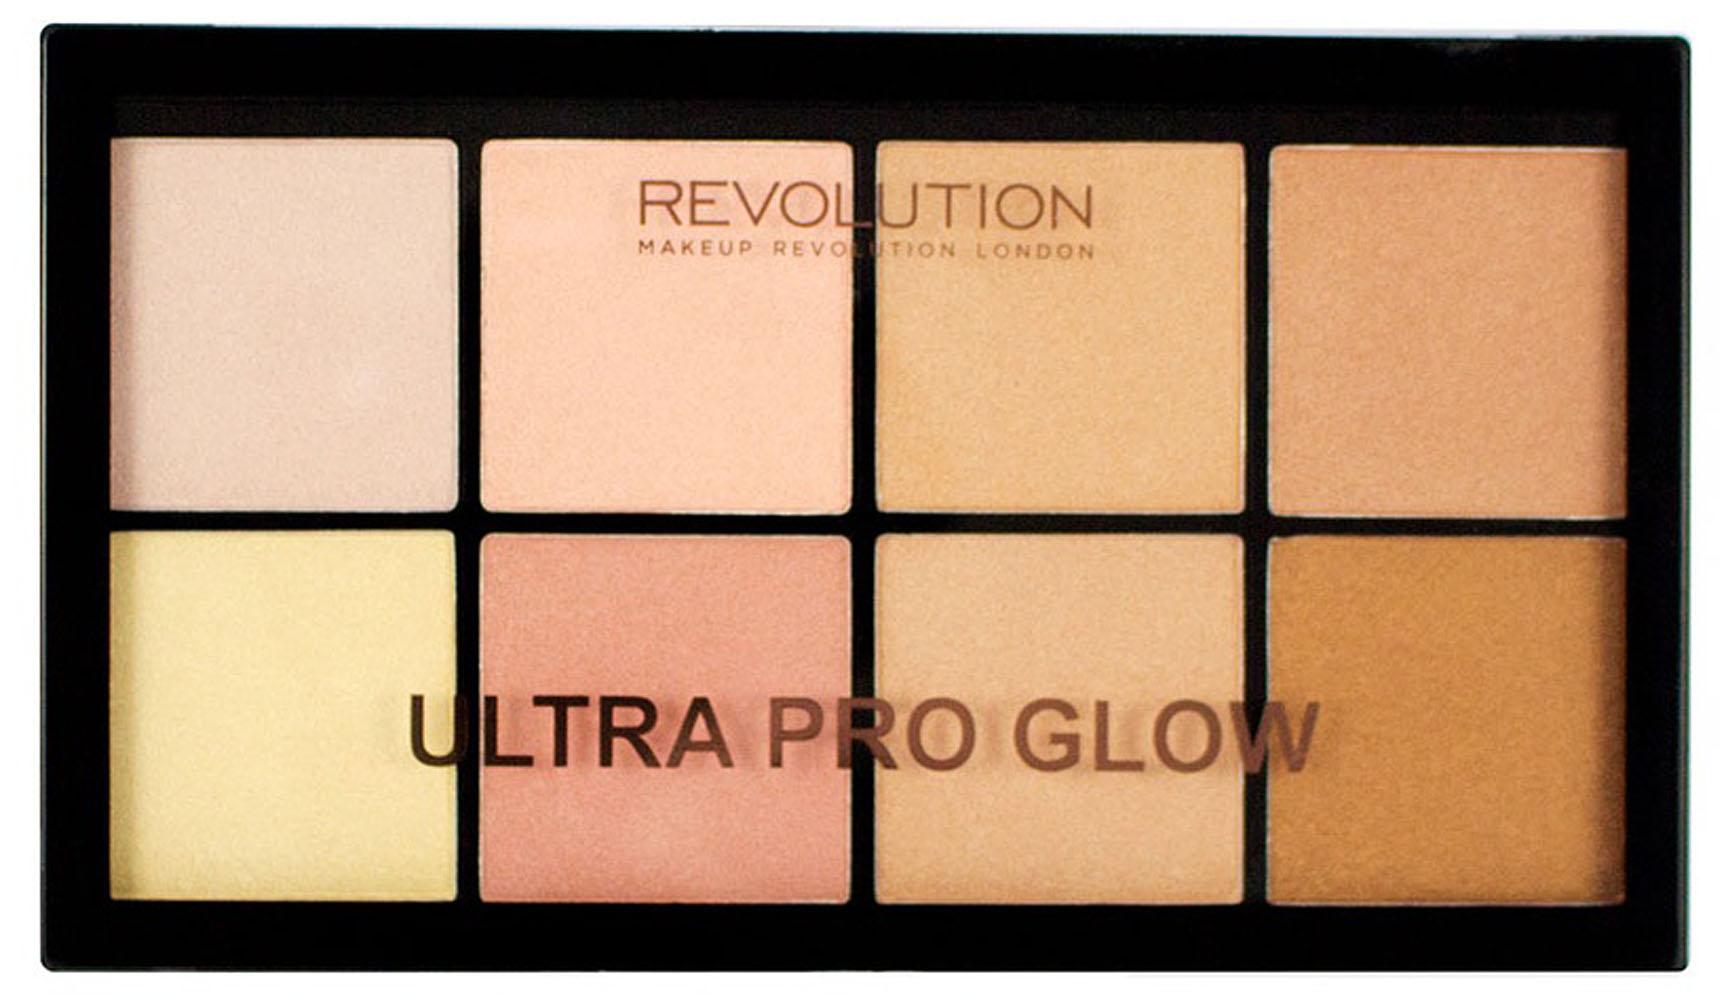 Makeup Revolution Набор хайлайтеров, Ultra Pro Glow94049Это подарок для фанатов хайлайтеров! Это для тебя! 8 удивительных оттенков в одной палитре, интенсивных и сияющих. Найдите свой идеальный оттенок и плотность, или смешайте несколько оттенков, создавая еще больше способов сиять. Мягкая, кремовая, деликатная формула, создает эффект сияния изнутри.